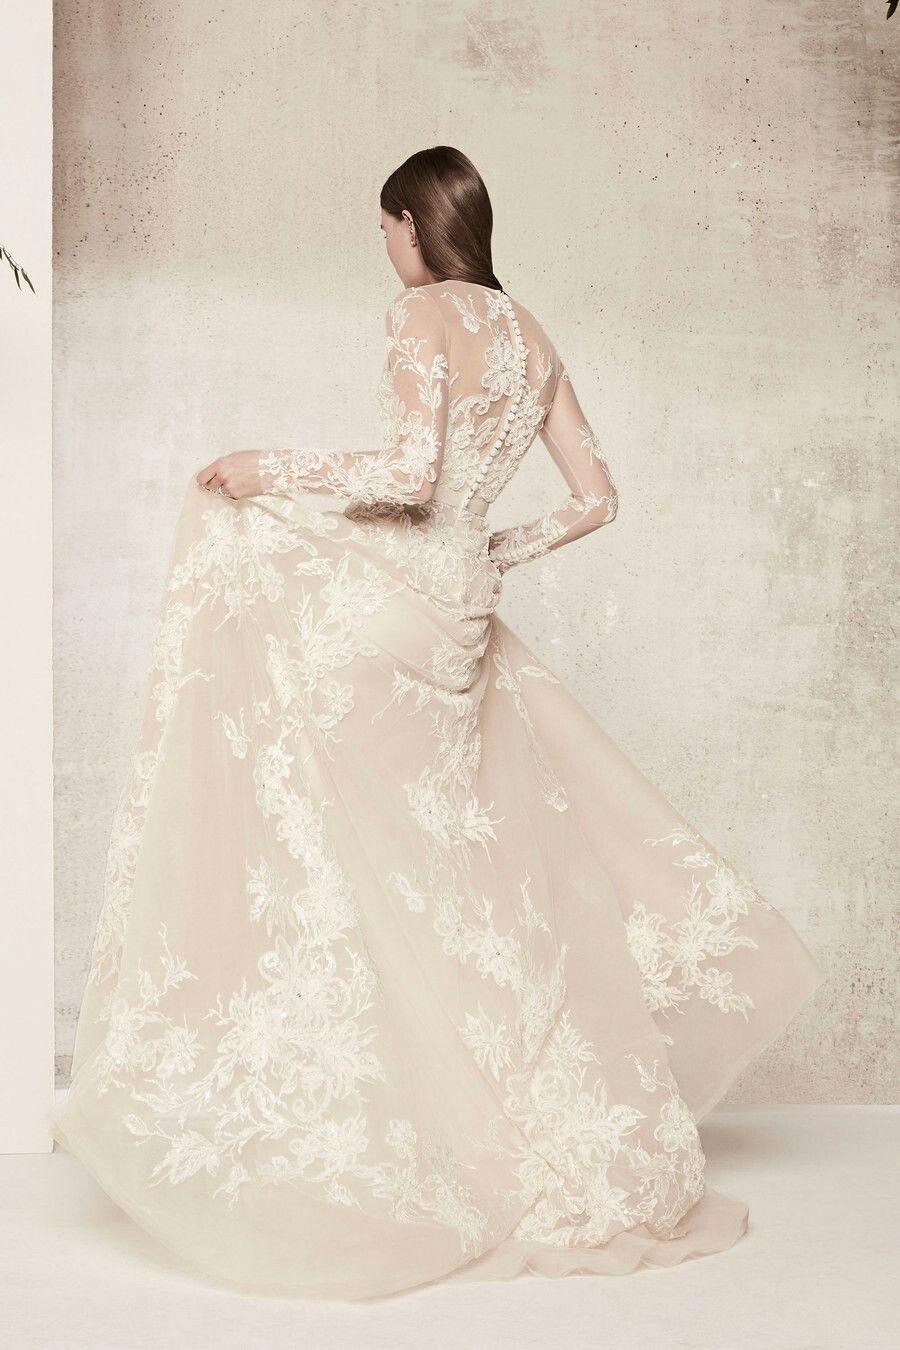 Ellie saab bridal spring fashion pinterest ellie saab